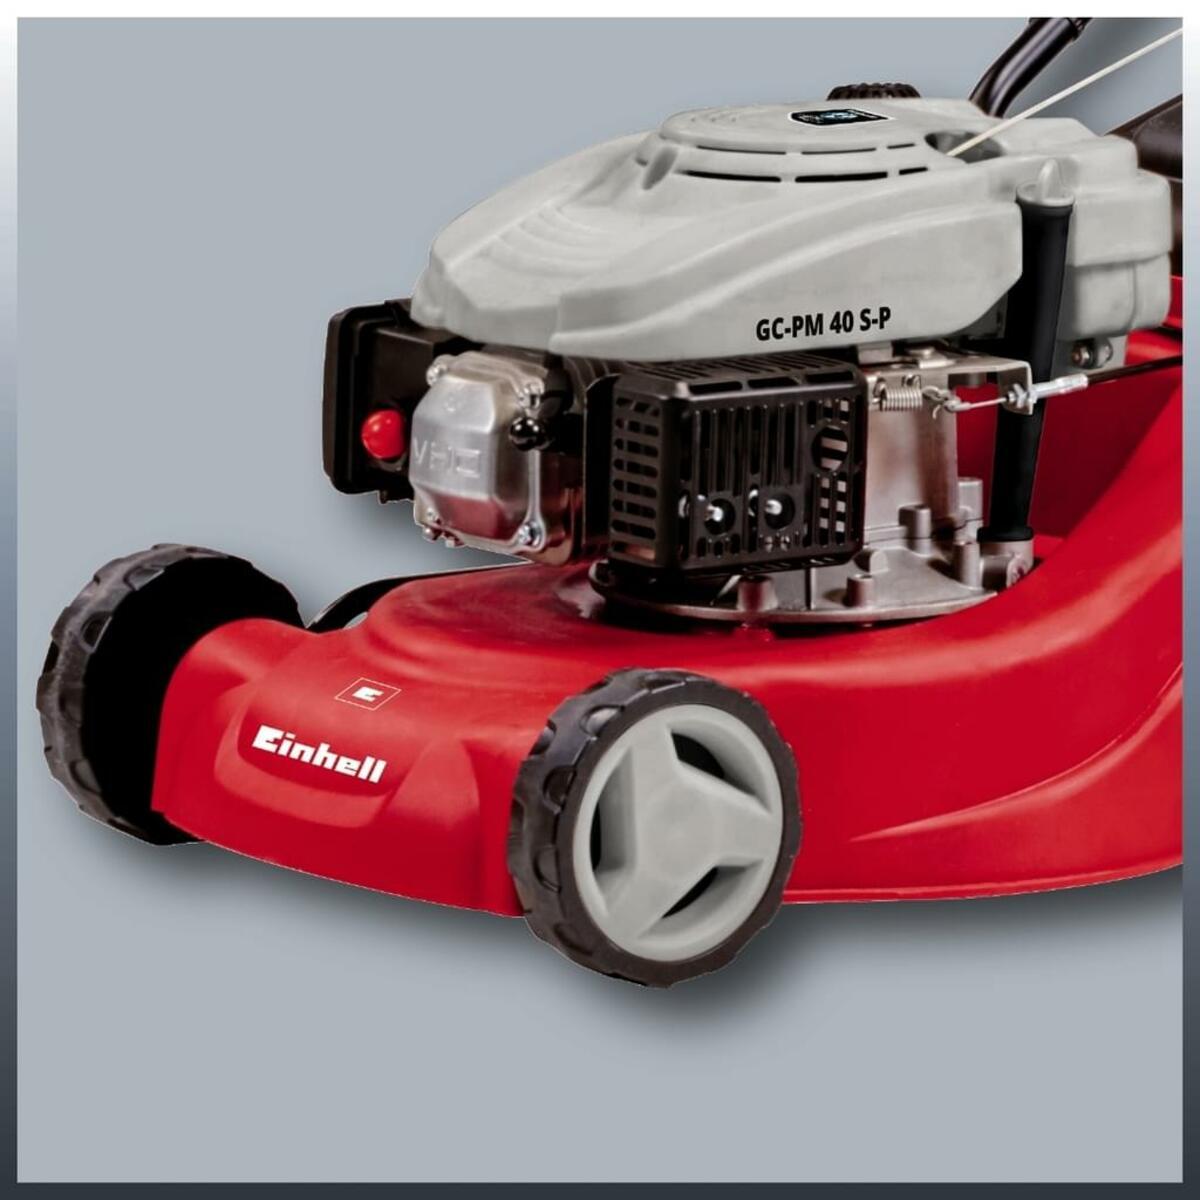 Bild 4 von Einhell Benzin-Rasenmäher GC-PM 40 S-P, Leistung 1,2 kW, Hubraum 99 cm³, Schnittbreite 40 cm, 3404780